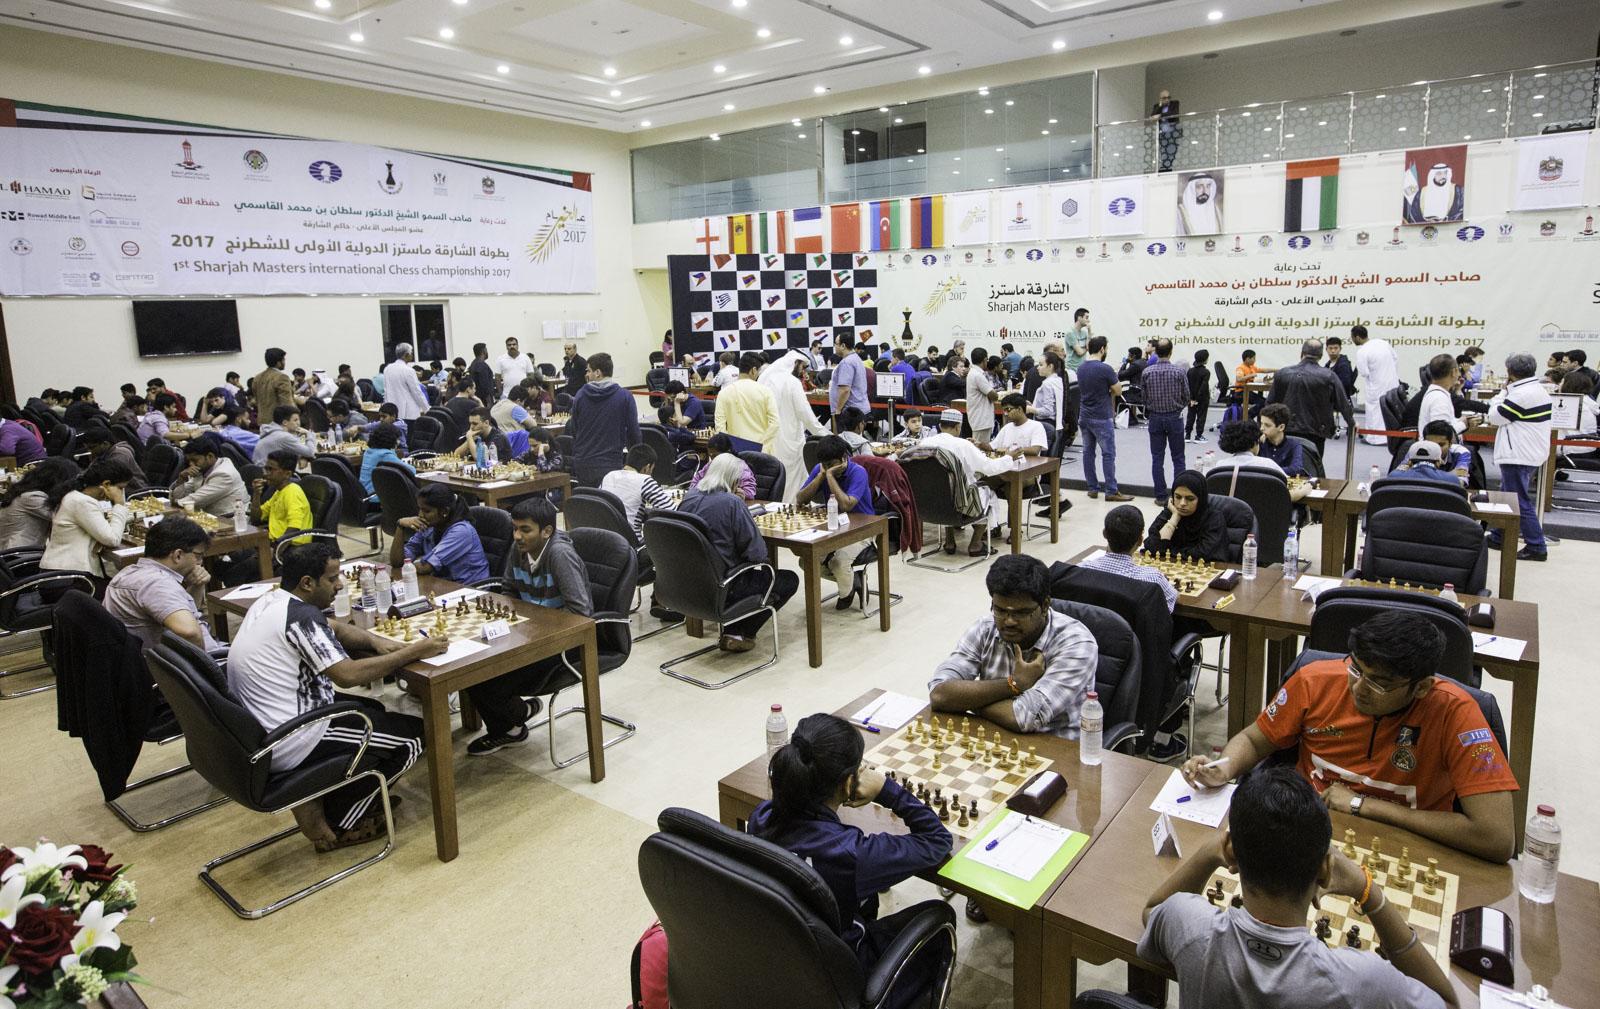 الجولة الرابعة من بطولة الشارقة ماسترز الدولية الأولى للشطرنج